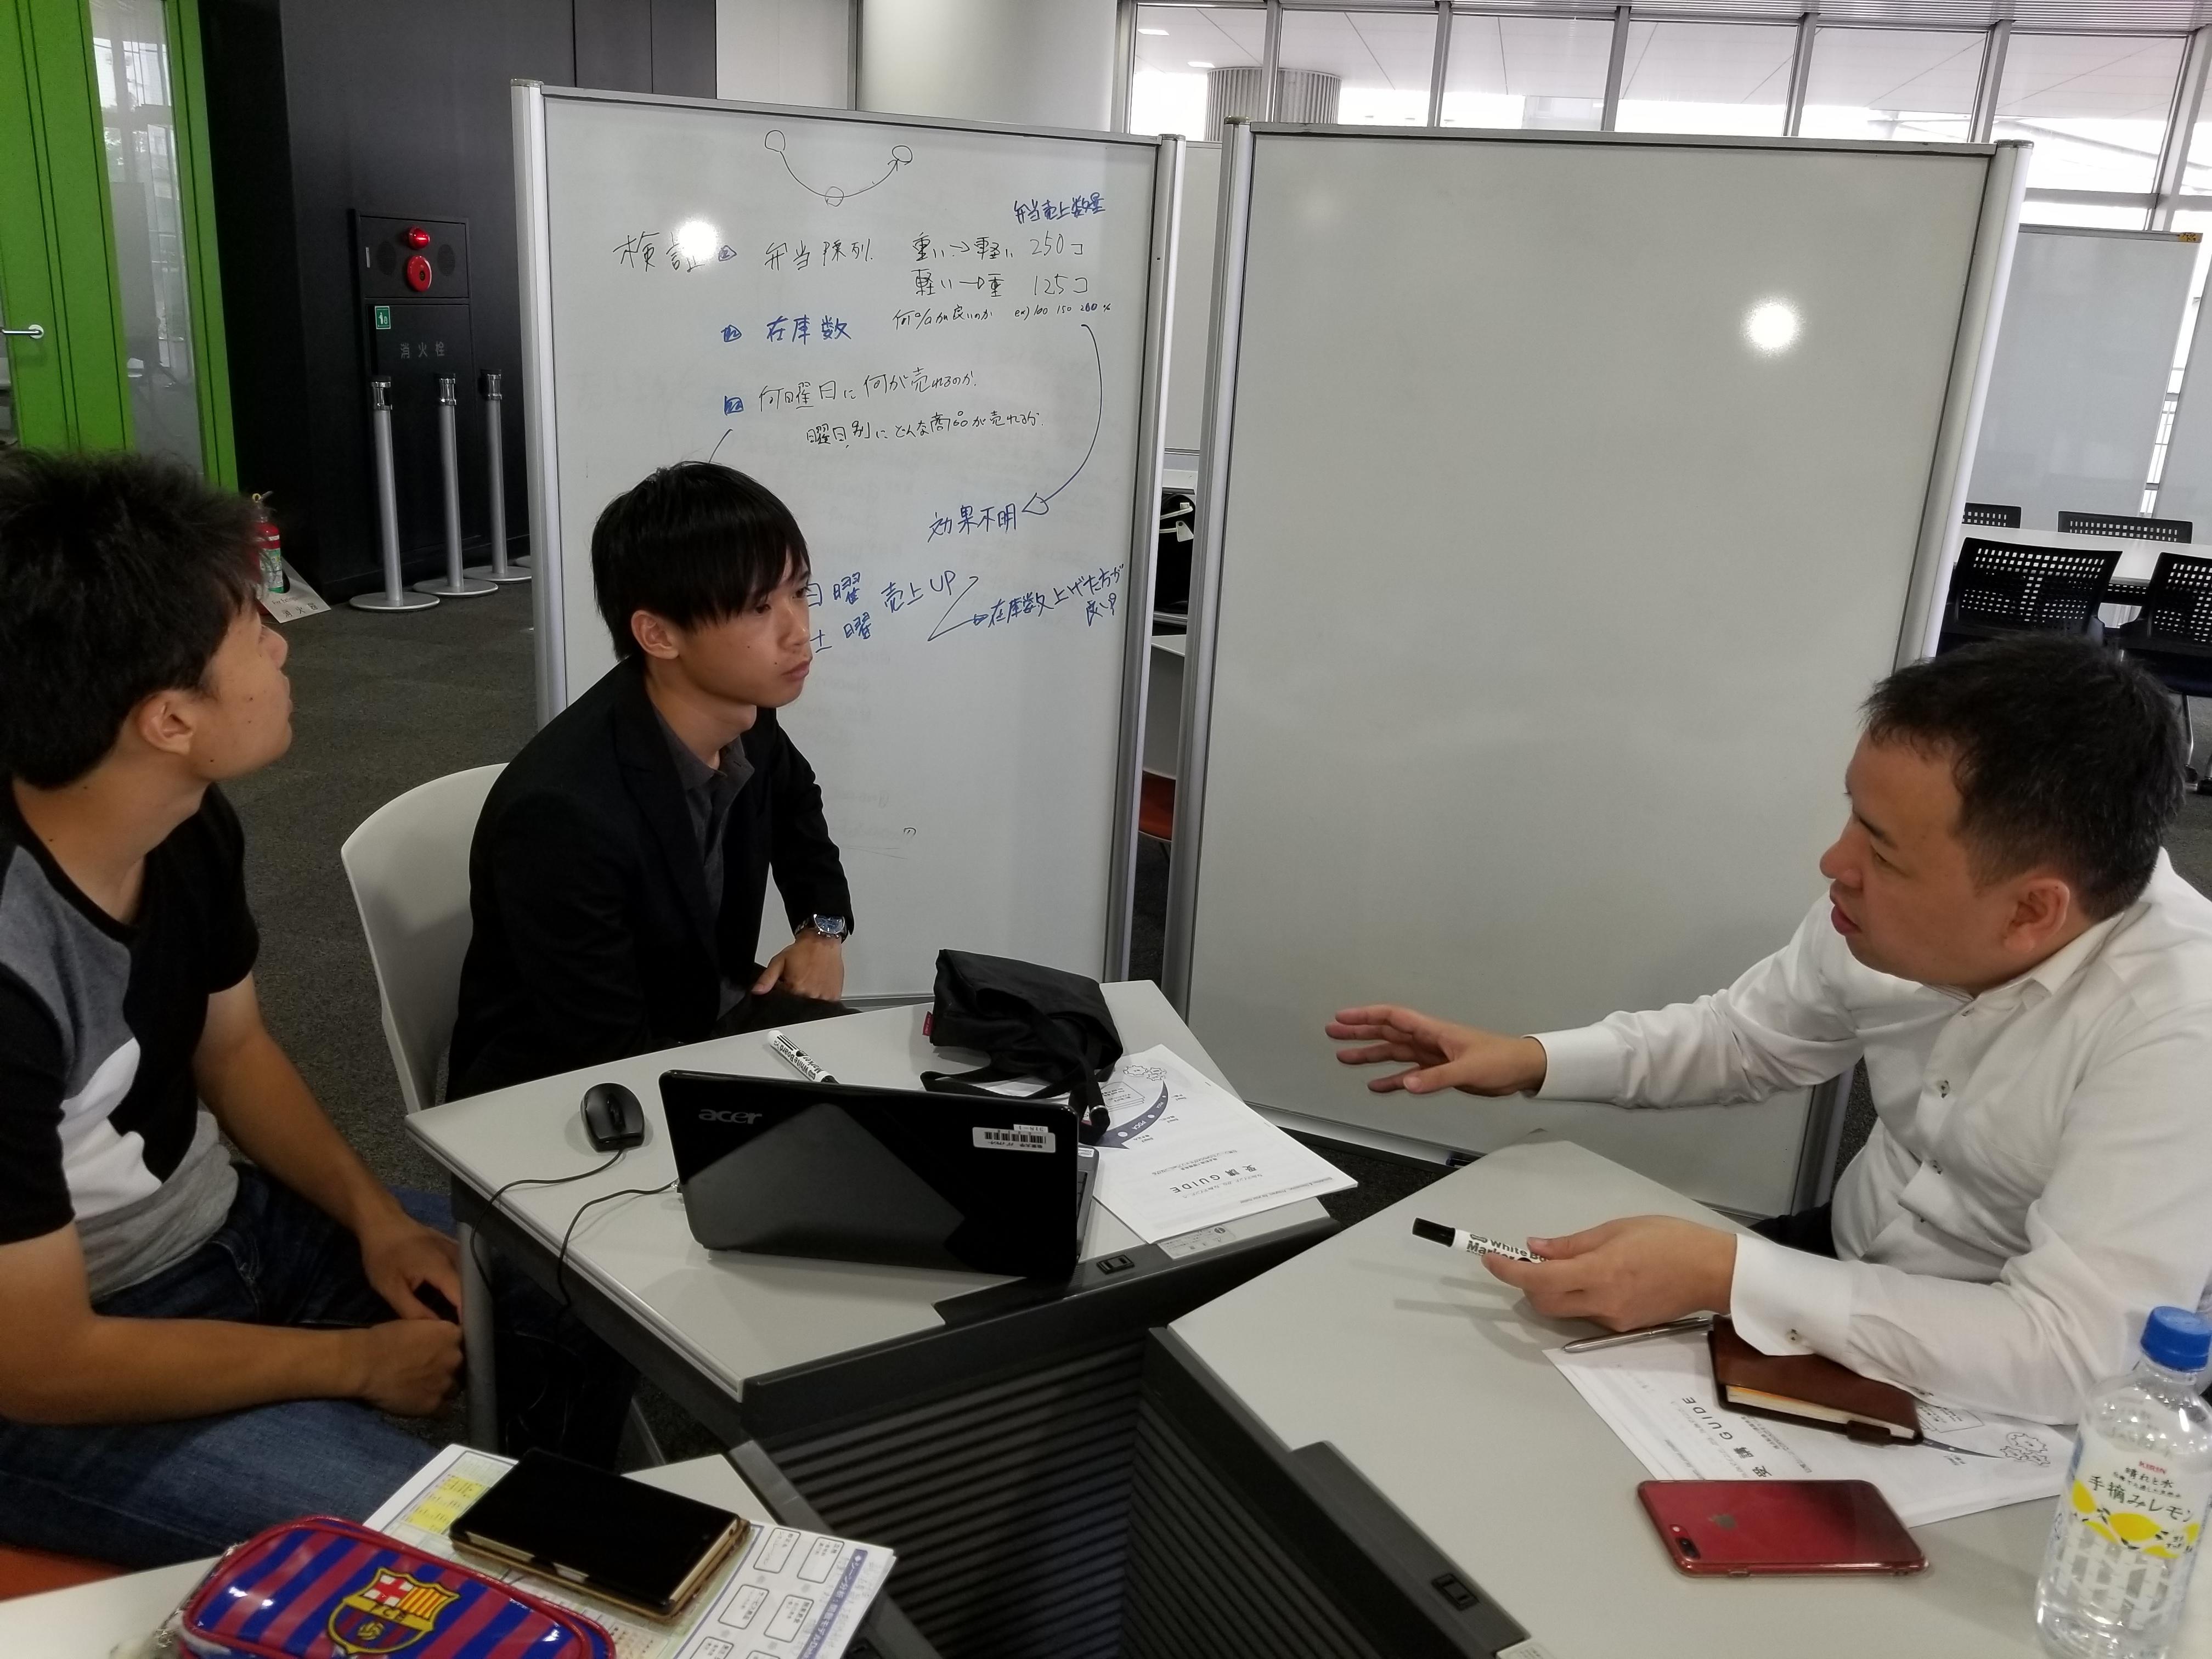 敬愛大学が、ビジネスマンと学生の合同講座「産学連携アクティブラーニング講座」を開講 -- 「できない理由より、できる工夫を探し続ける」体験プログラム